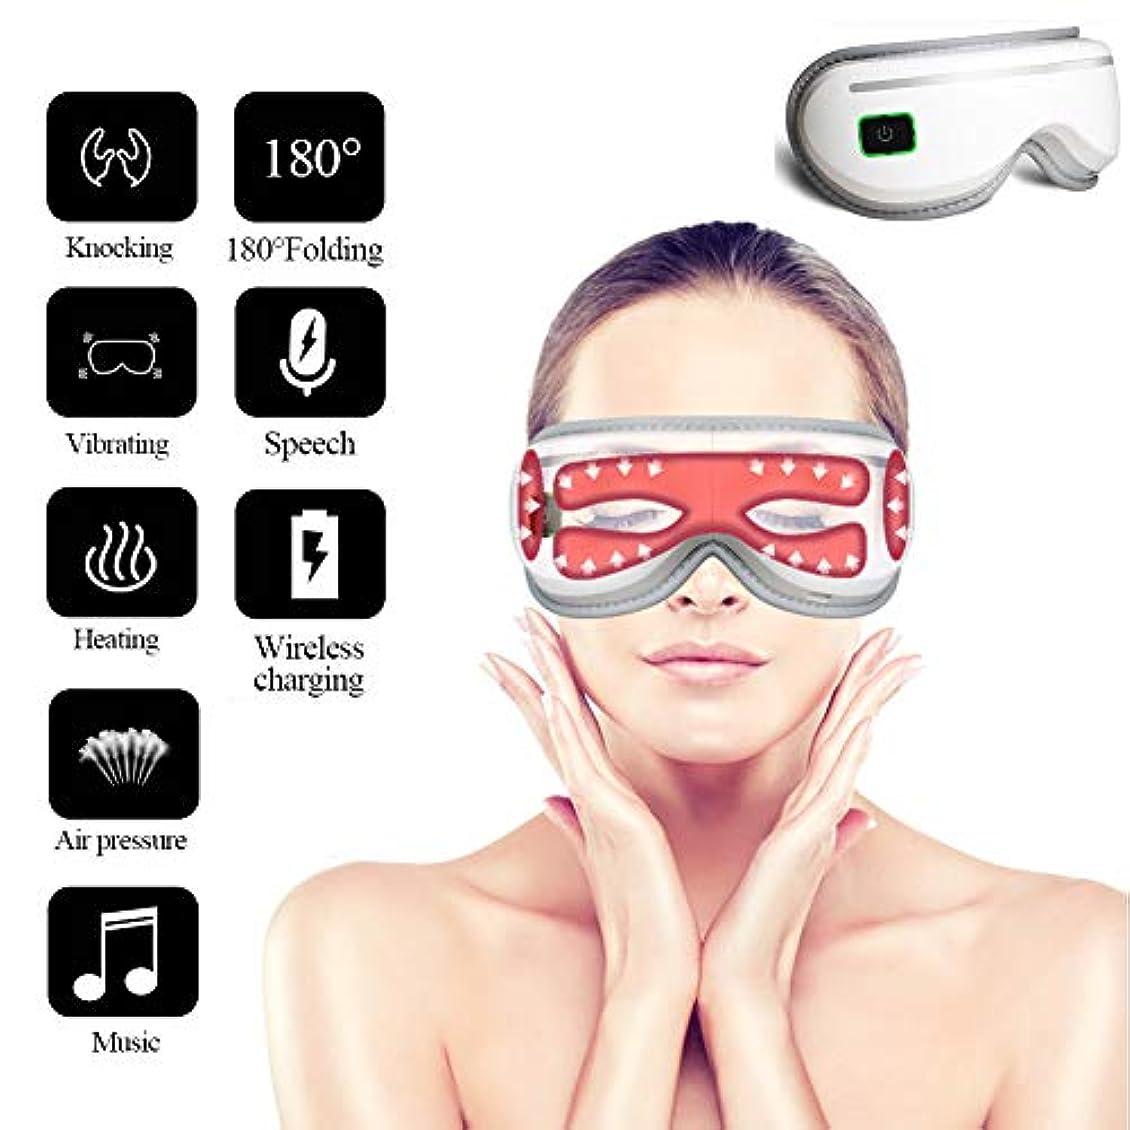 チキン唯物論本当に電動アイマッサージマスク音楽頭痛ストレスリリーフ折り畳み式マシンのための3つのモードでリラックス空気圧、熱圧縮、振動マッサージ、ウォシュレットギフト